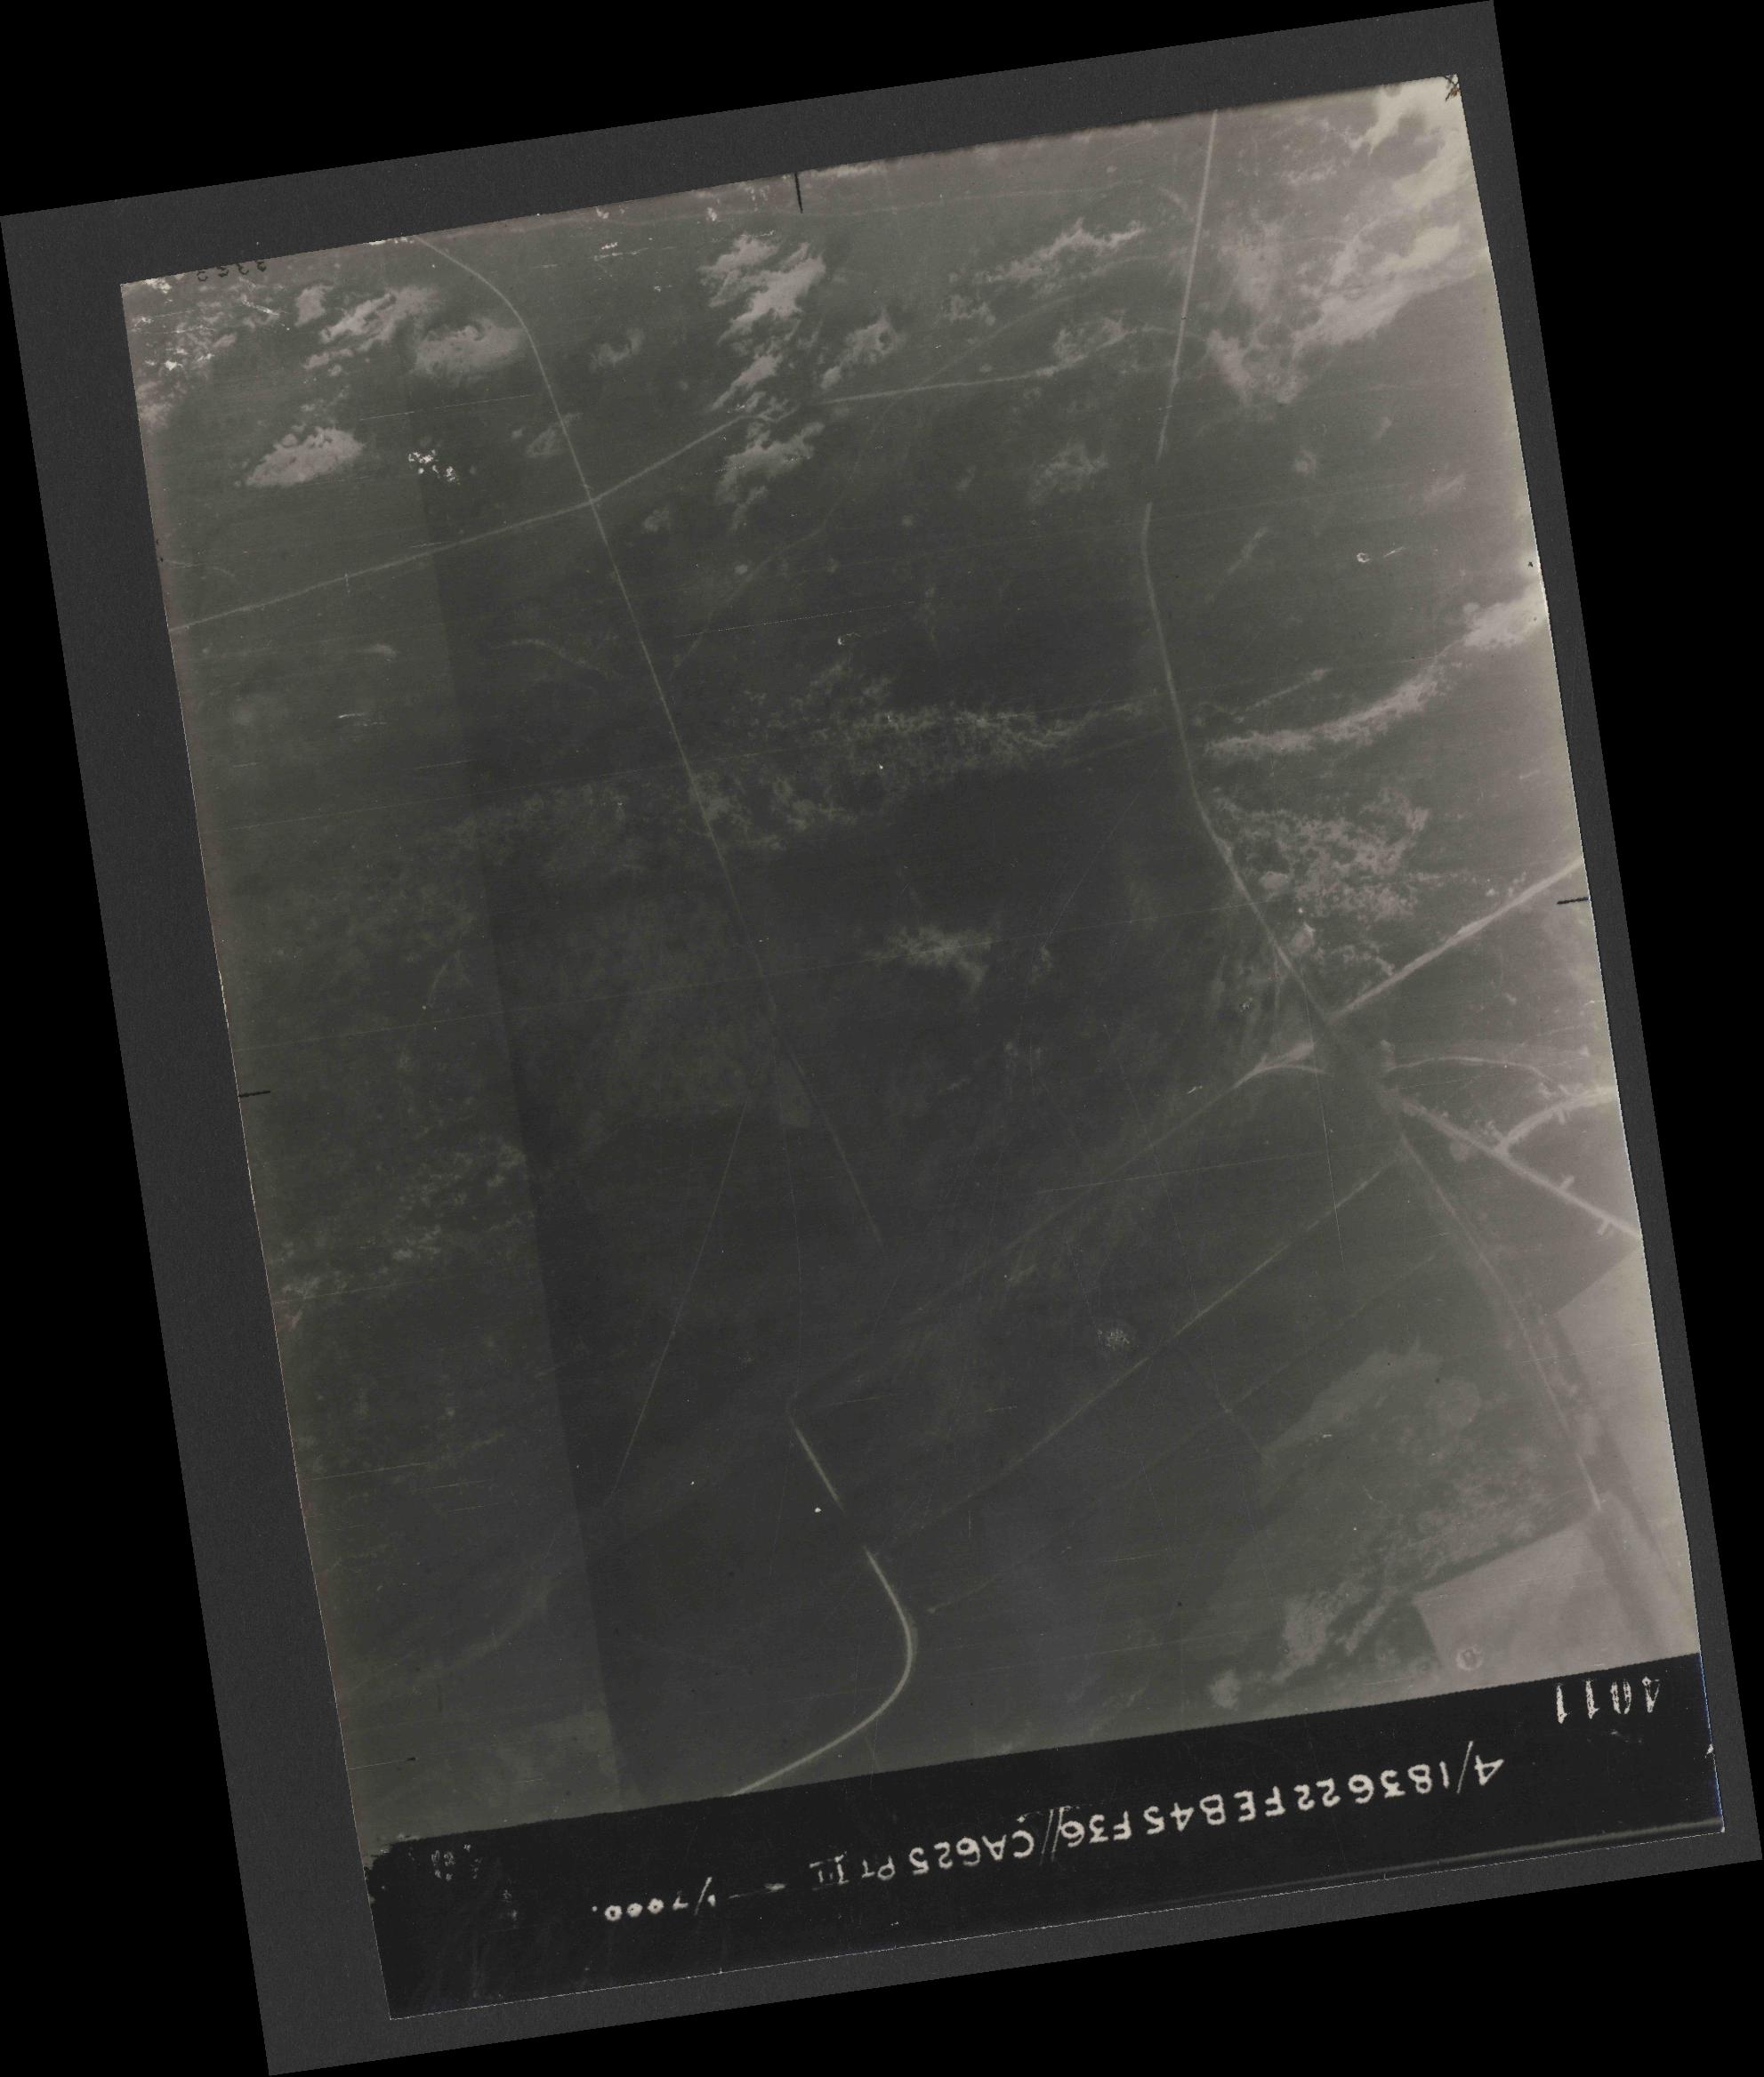 Collection RAF aerial photos 1940-1945 - flight 204, run 02, photo 4011